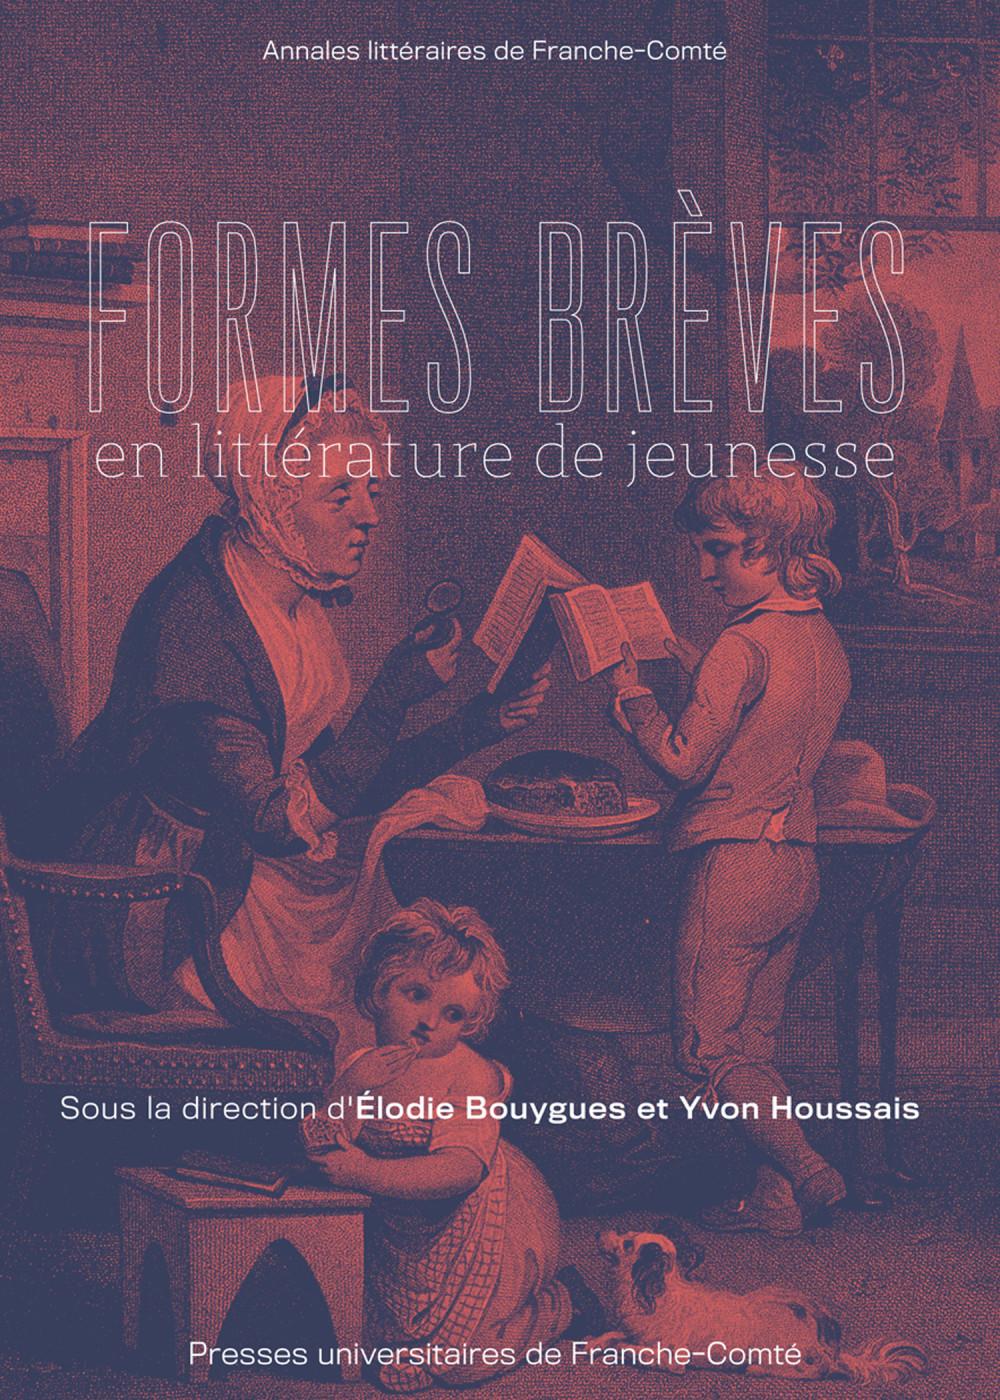 couverture de l'ouvrage Formes brèves en littérature de jeunesse de Elodie Bouygues et Yvon Houssais